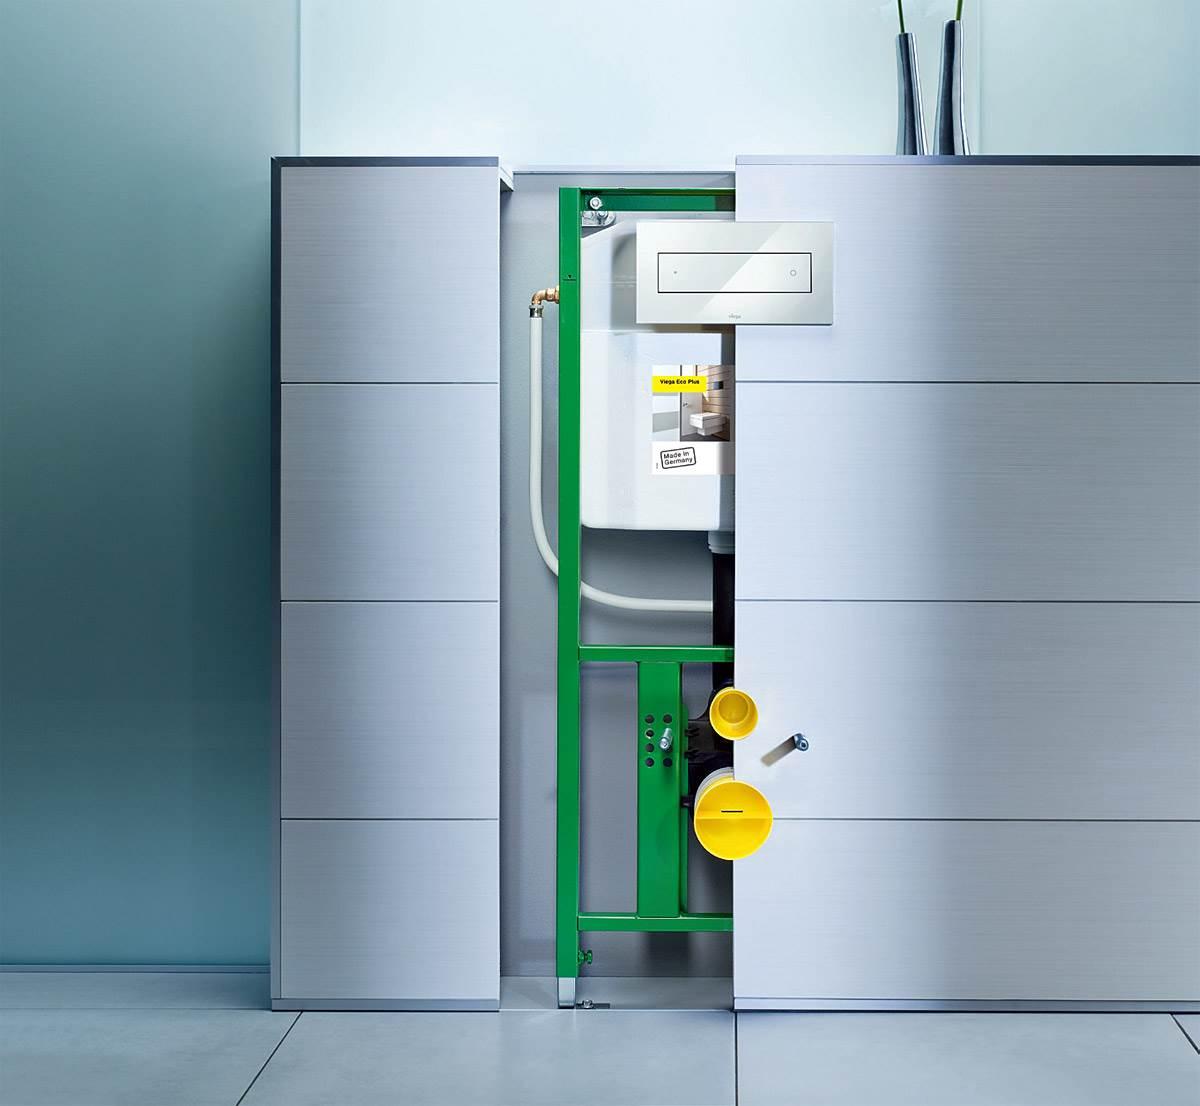 Fot. 2. Schowaną za ścianką instalację wodno-kanalizacyjną zdradzi jedynie dyskretny przycisk. Fot.: Viega